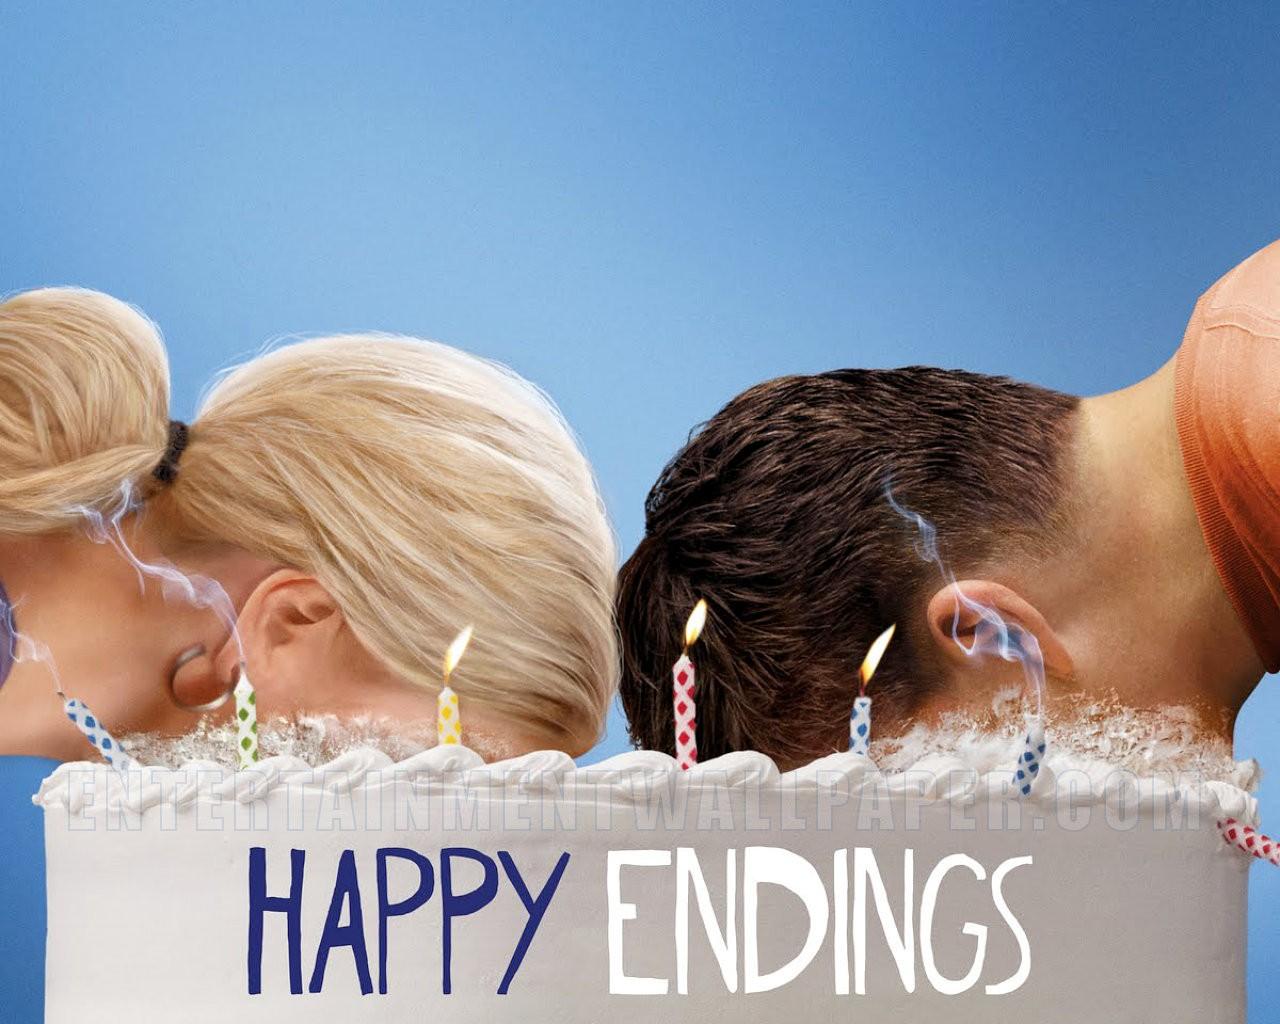 Happy ending website